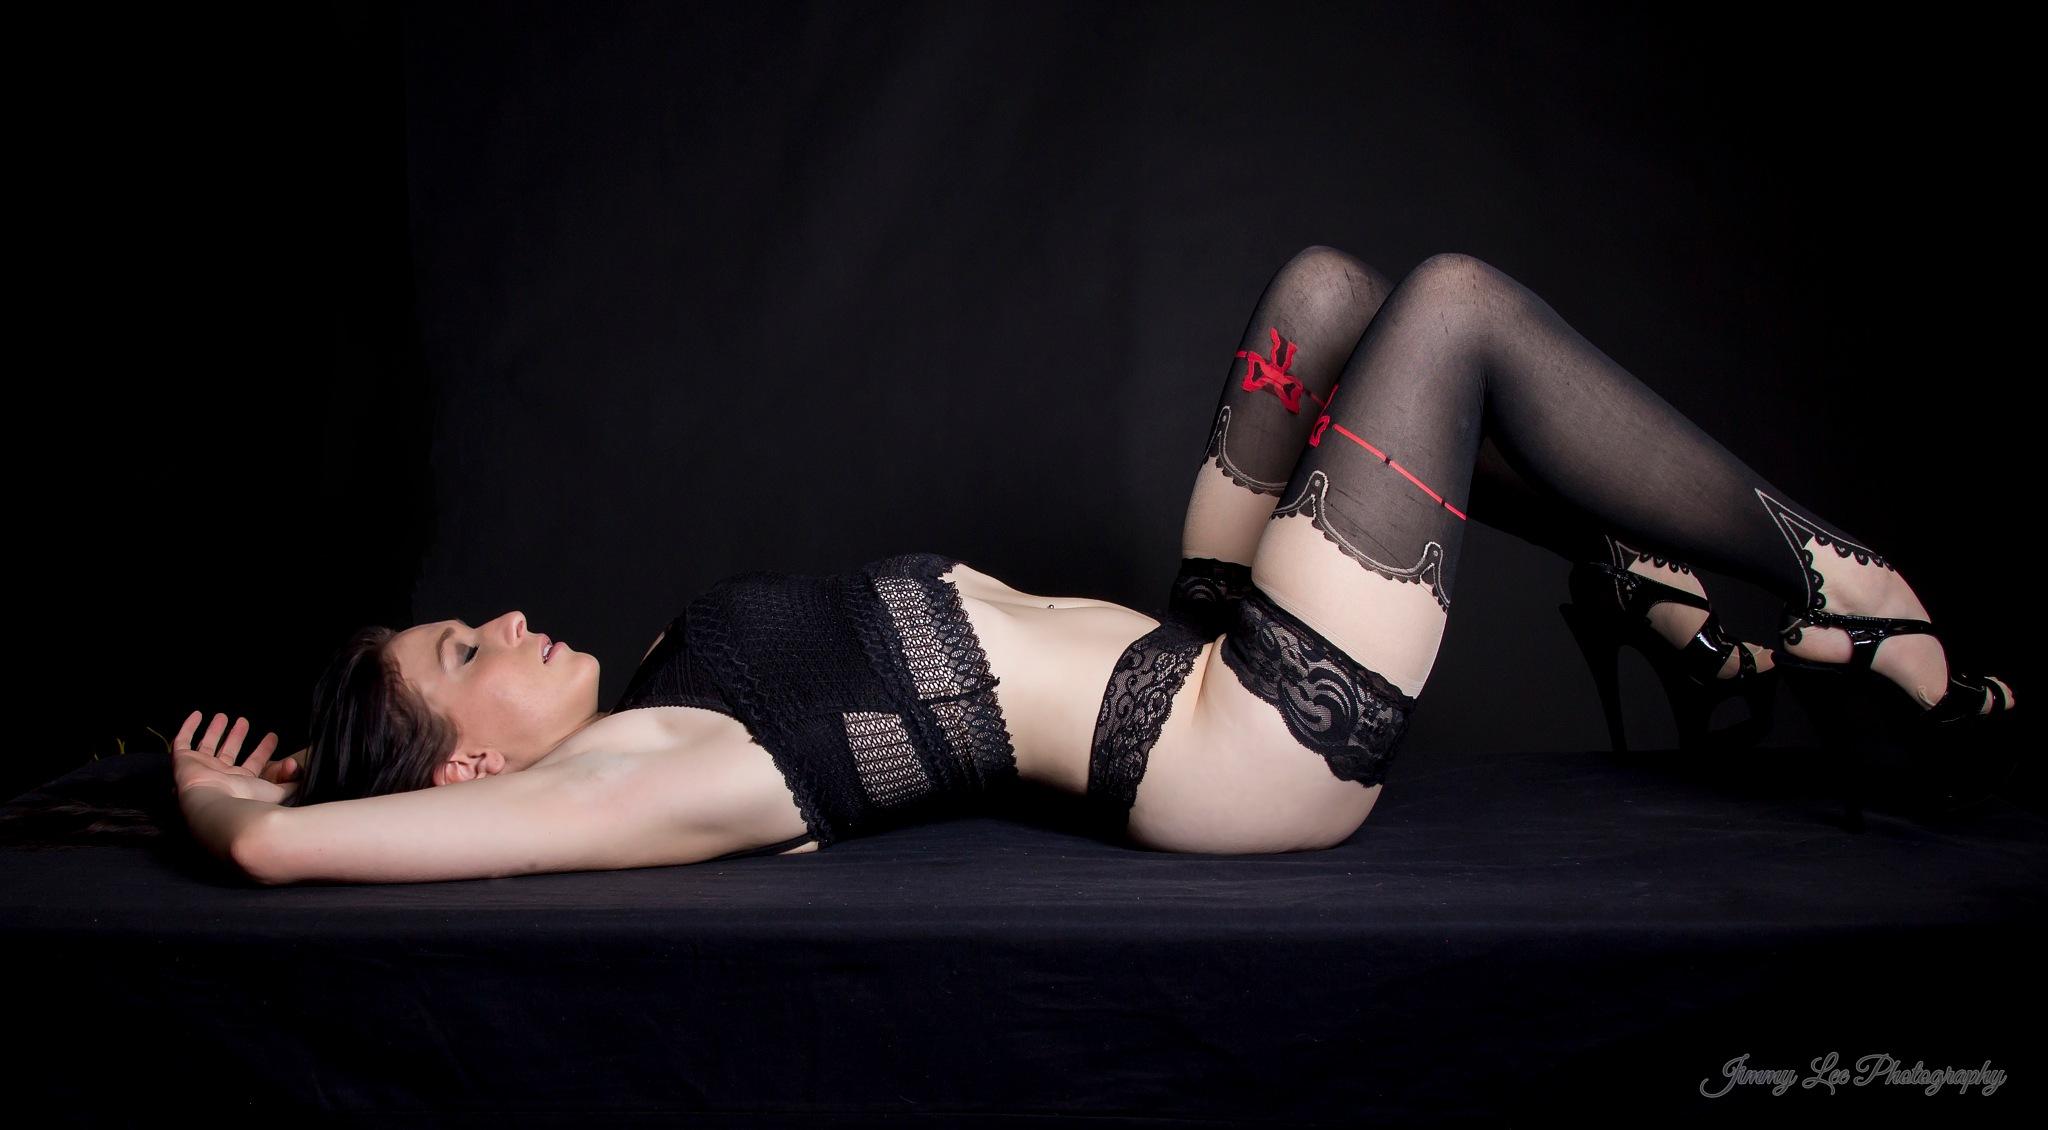 lingerie by James Parry